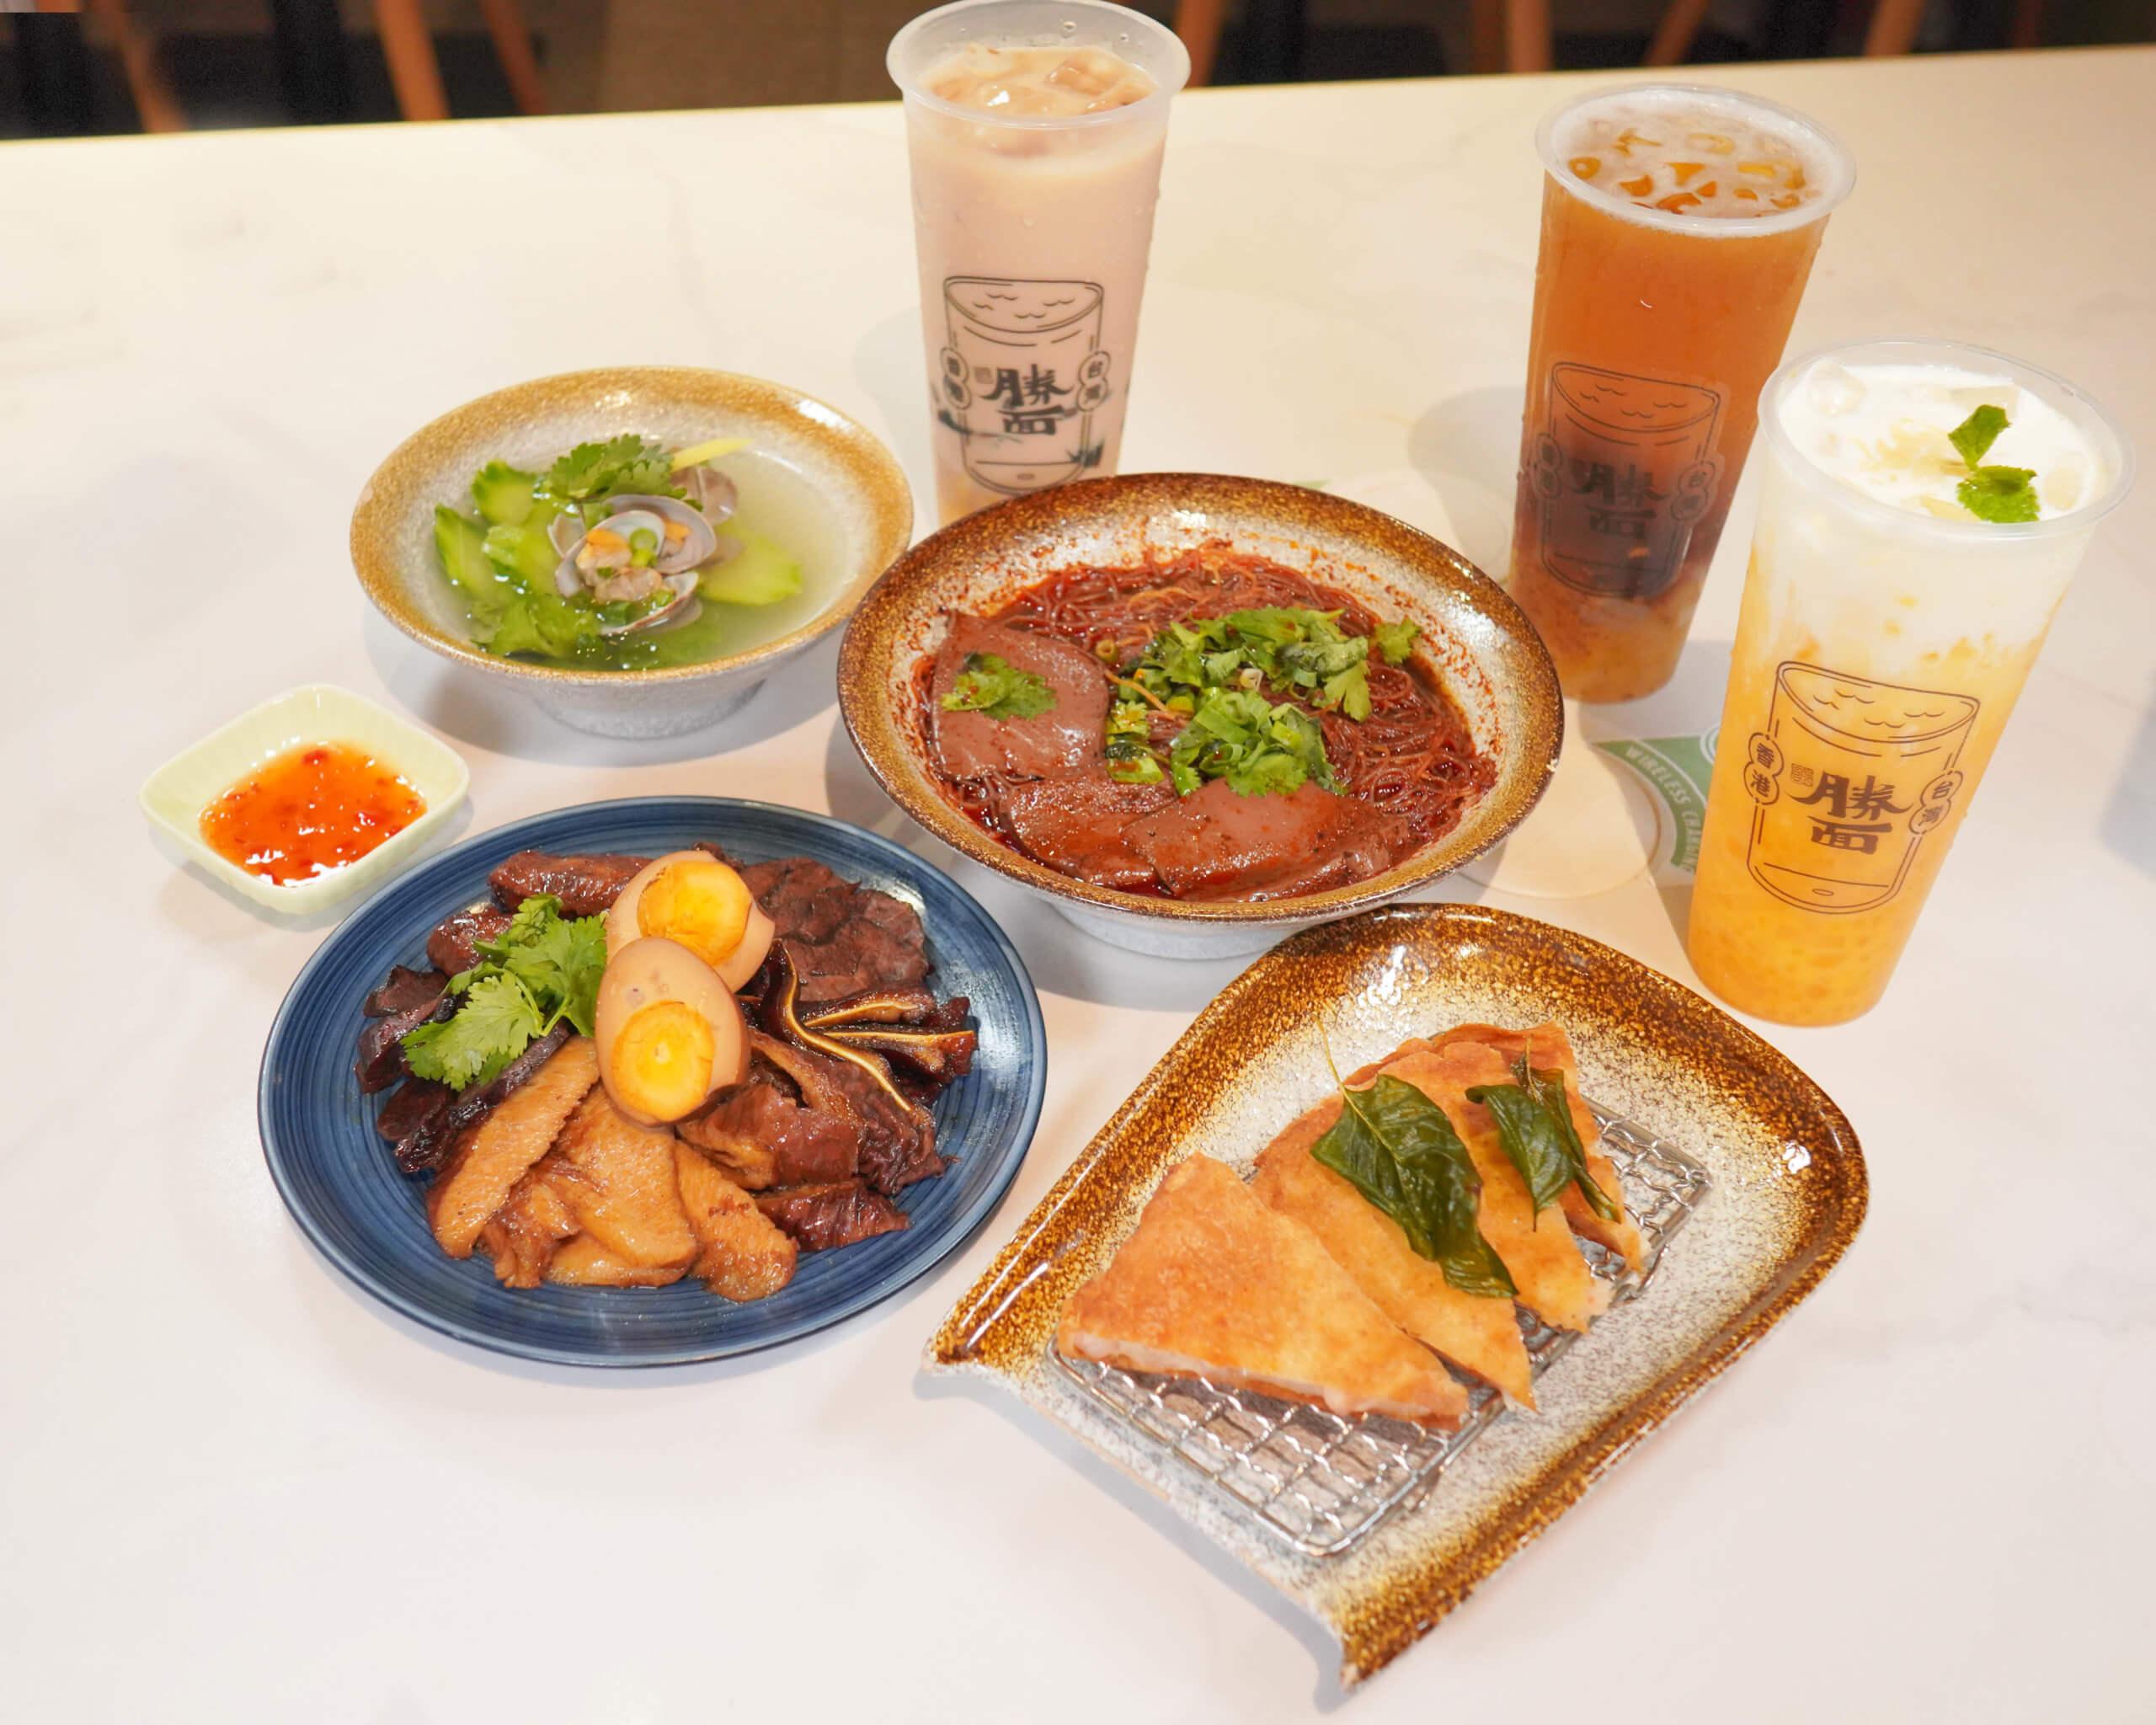 「台灣過江龍」勝面全新8款新菜式及口感茶飲系列登場。